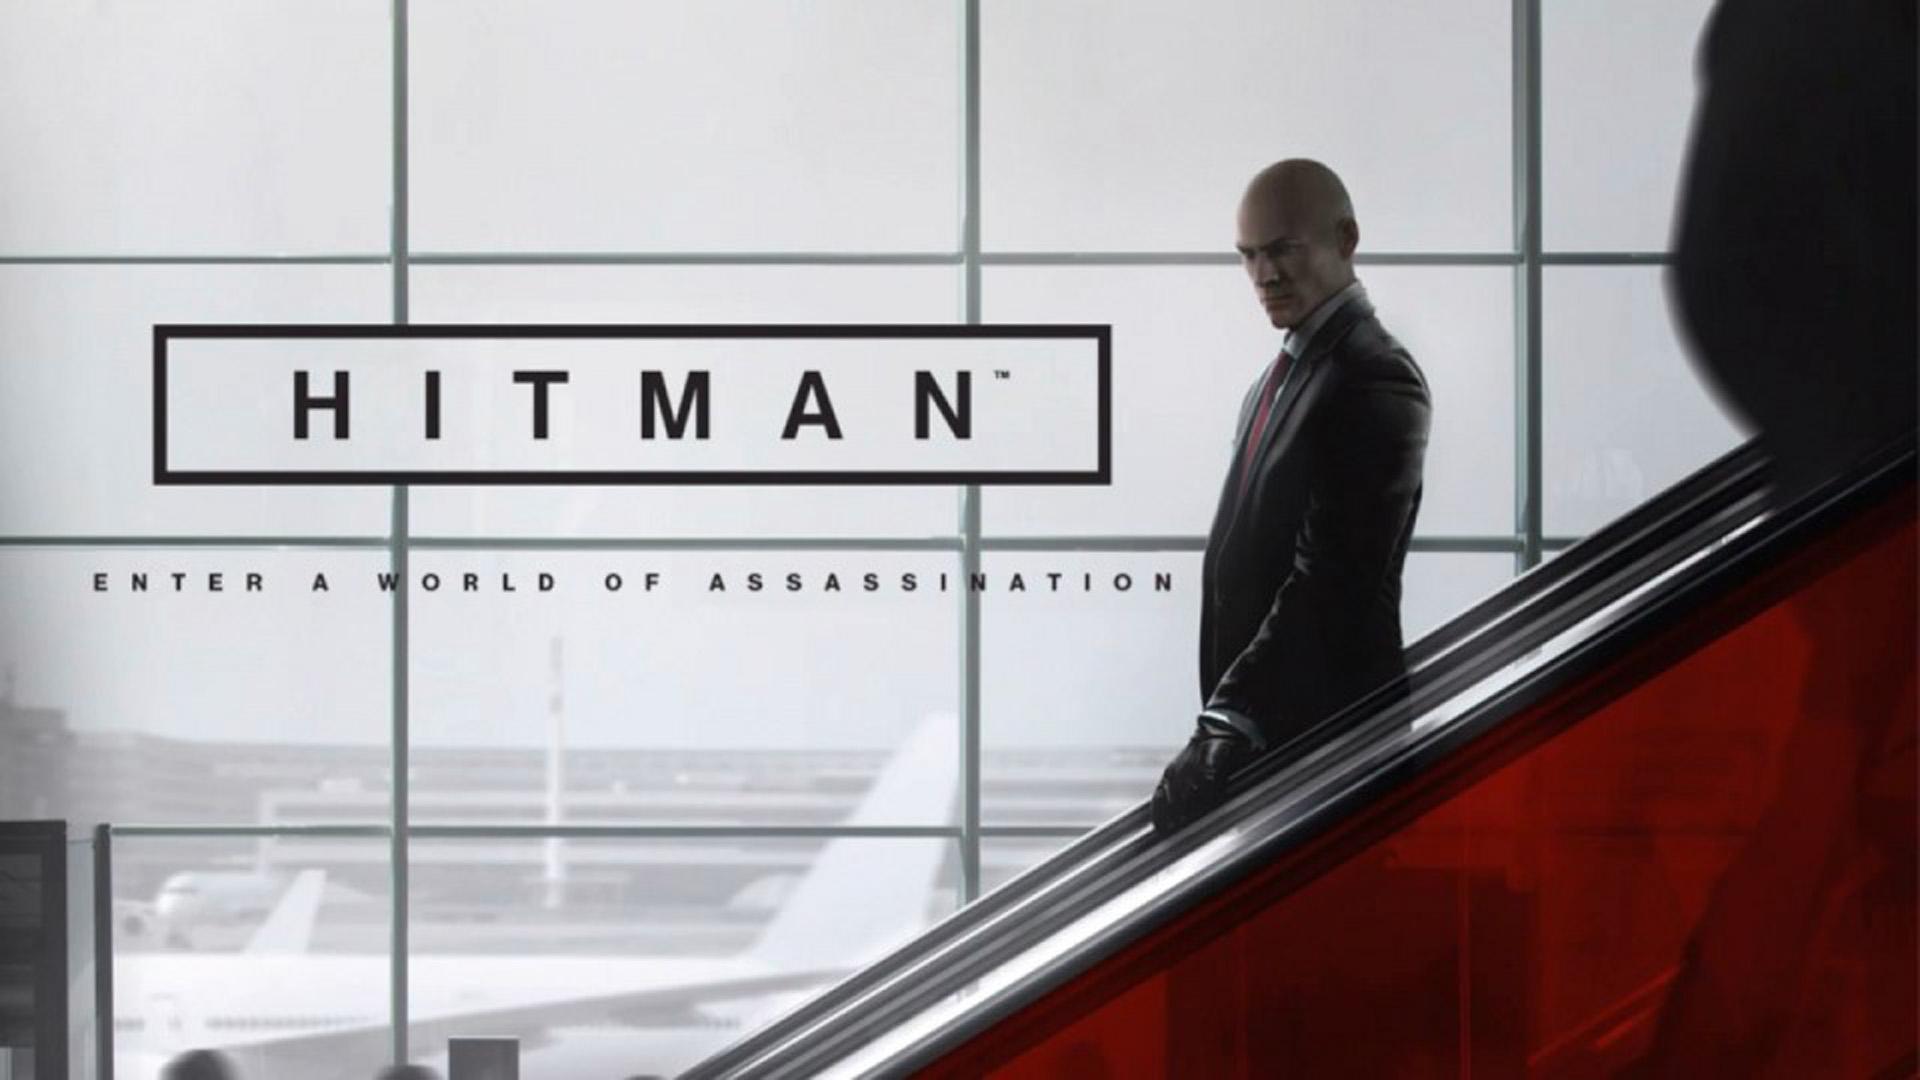 Hitman: xbox one, ps4, pc